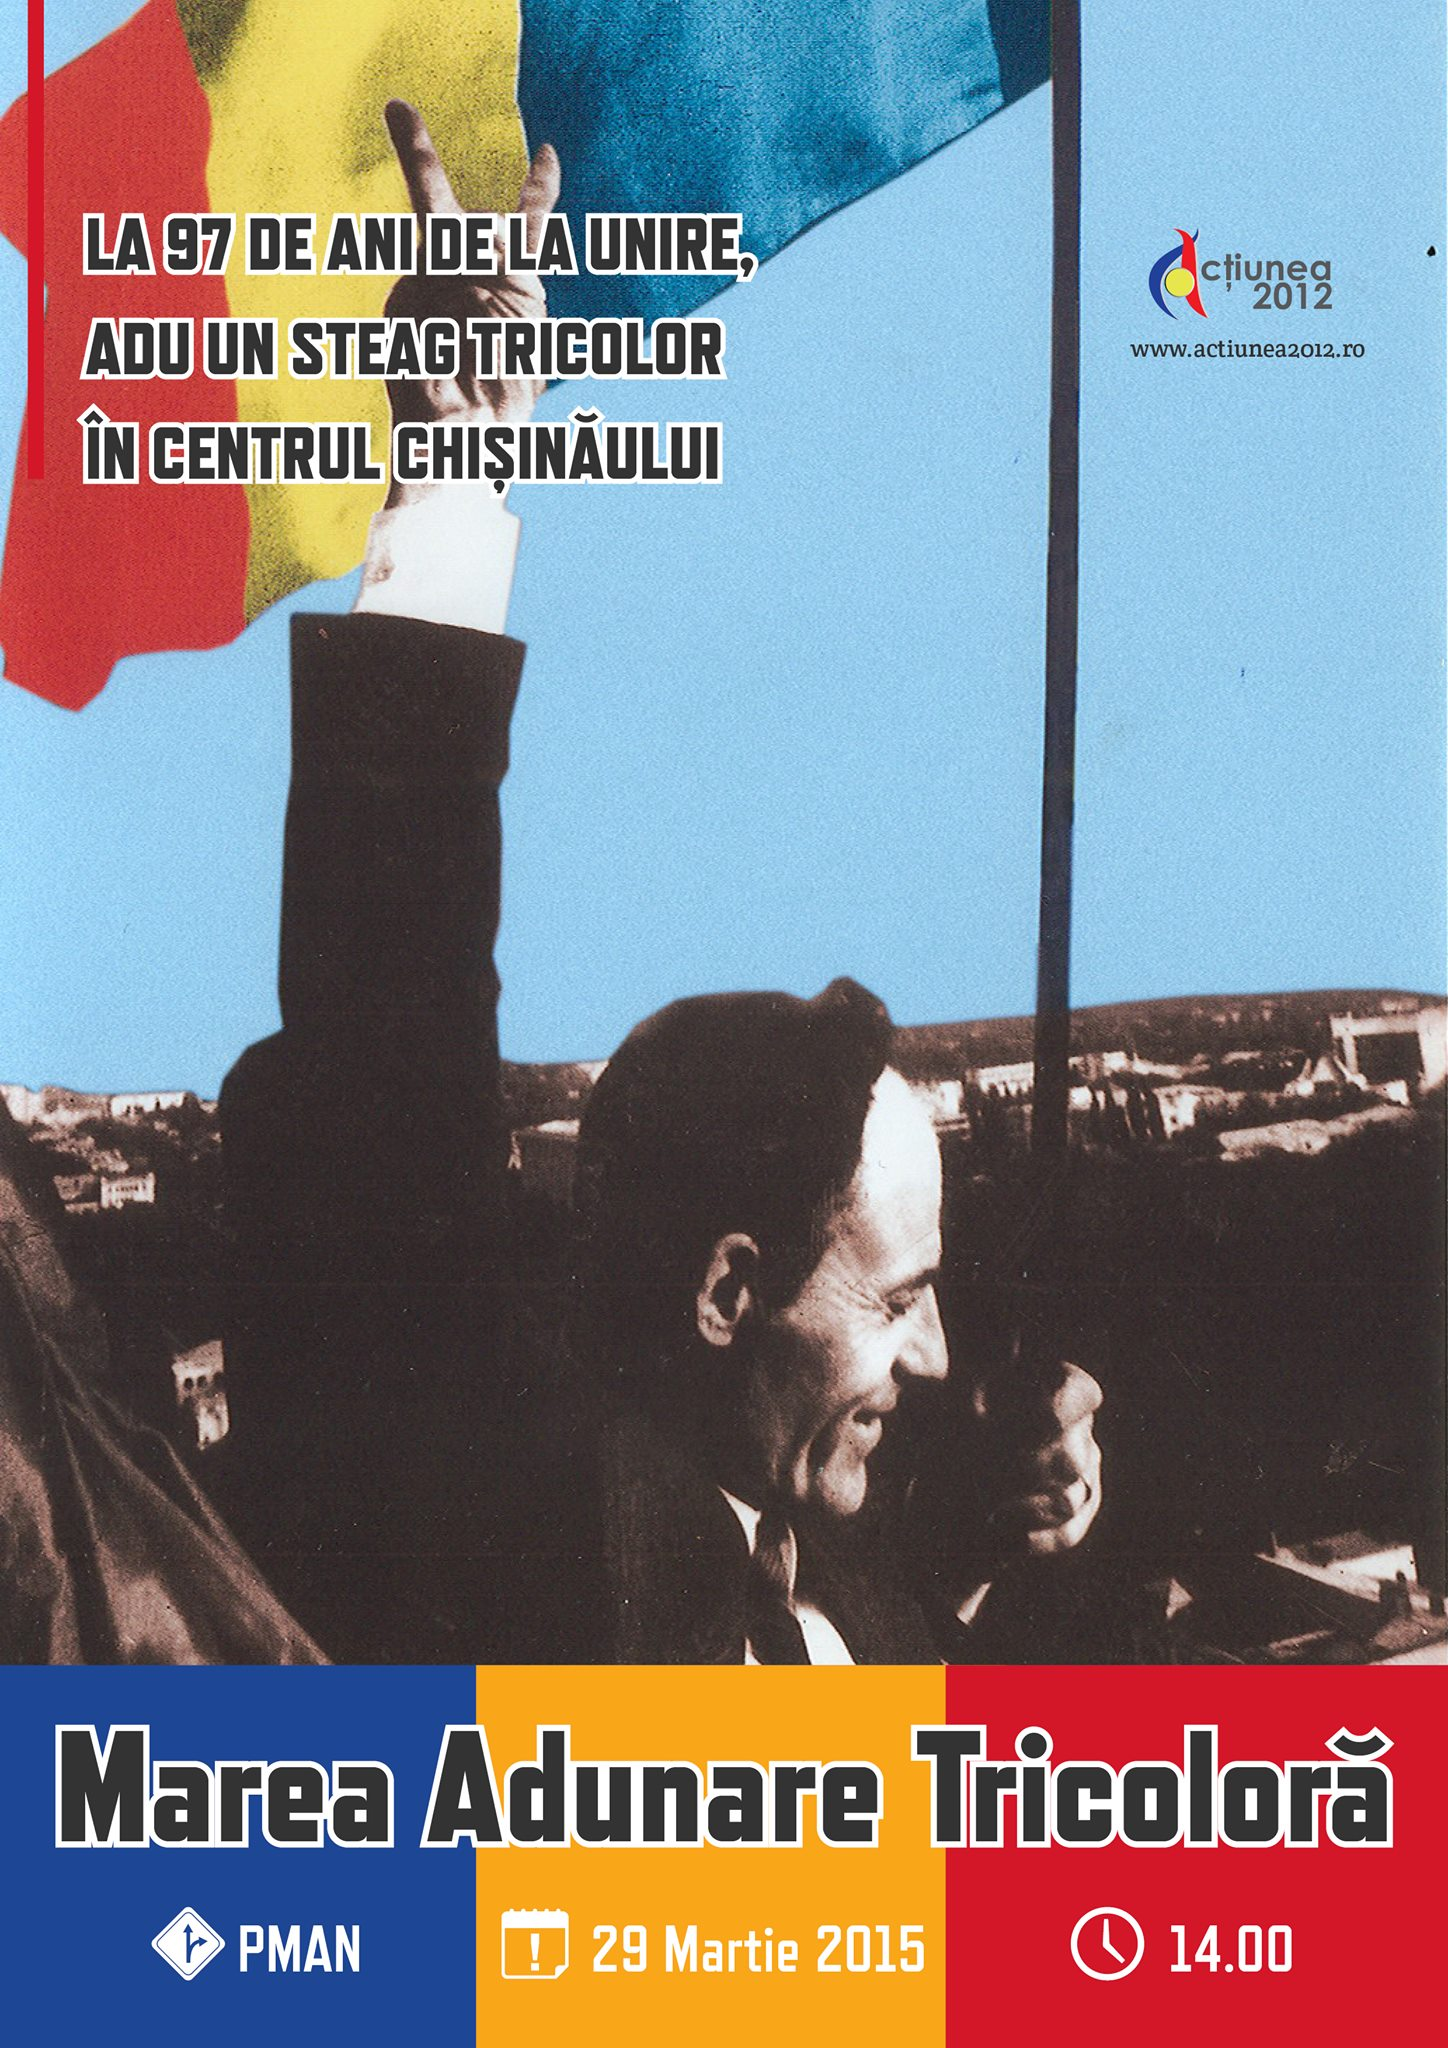 27 martie imagine mars chisinau manifestare steaguri tricolore